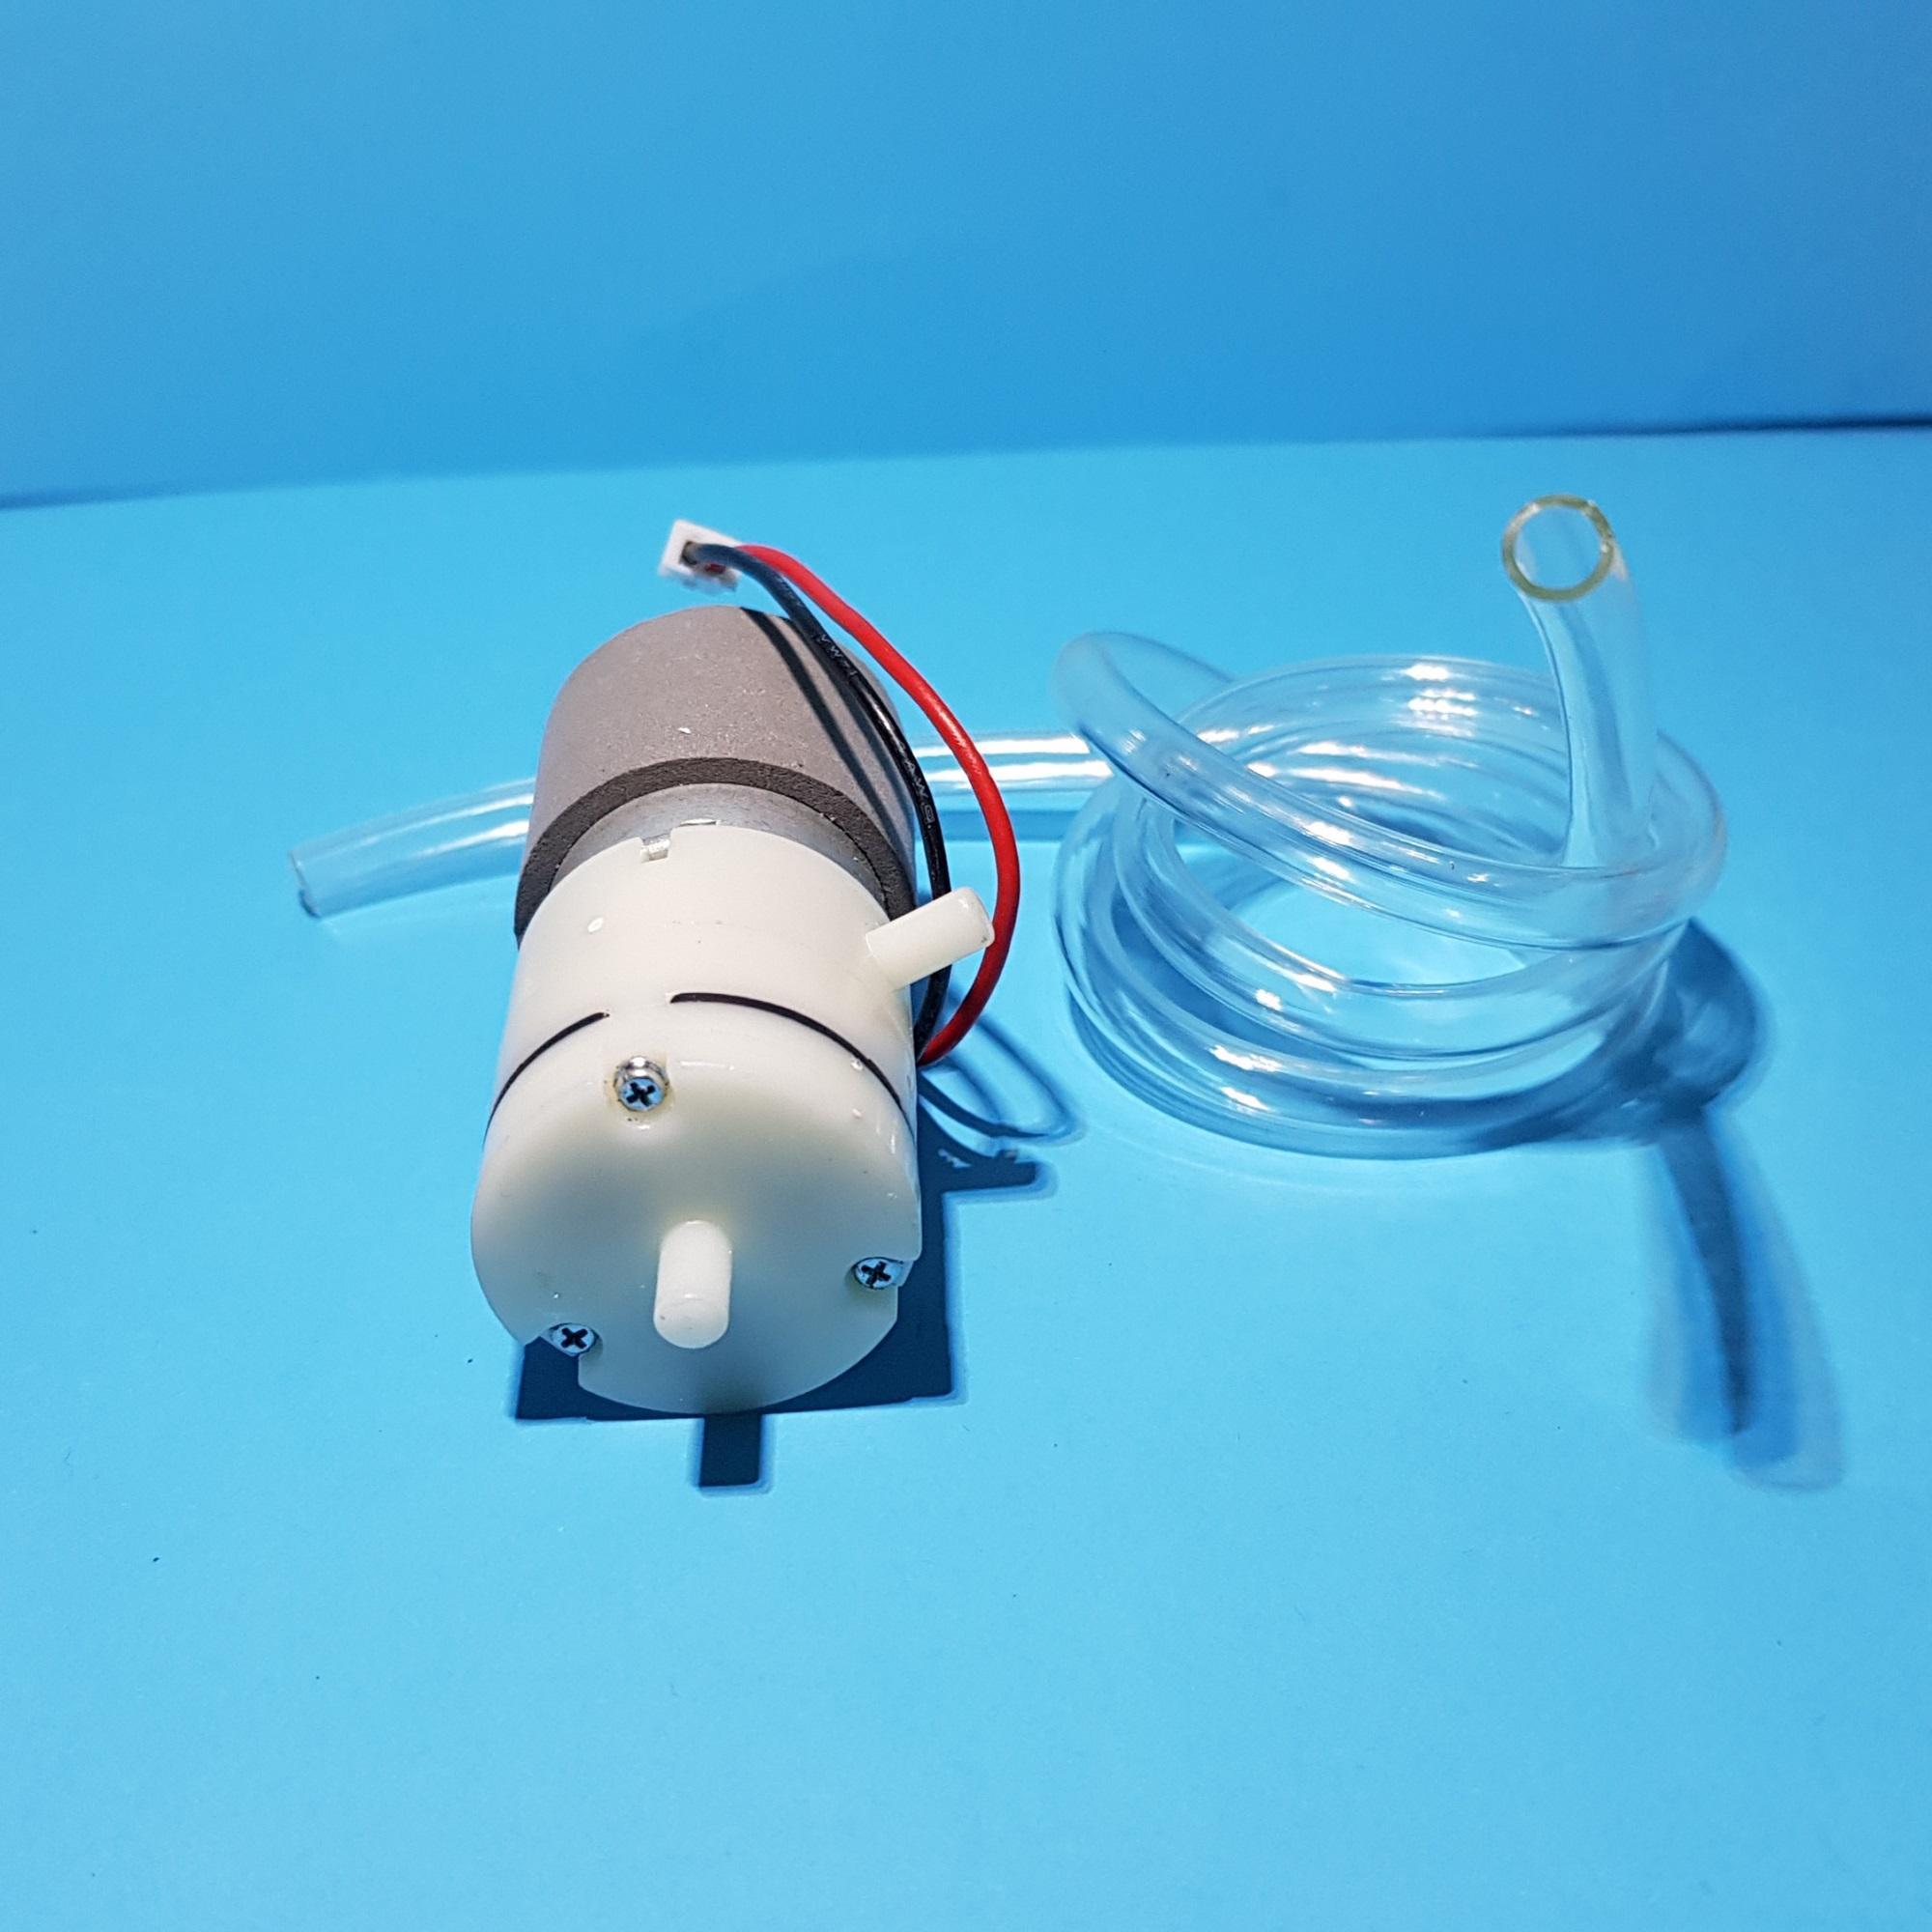 Bơm mini - bơm chân không - Bơm hút nước - Bơm oxi 12V